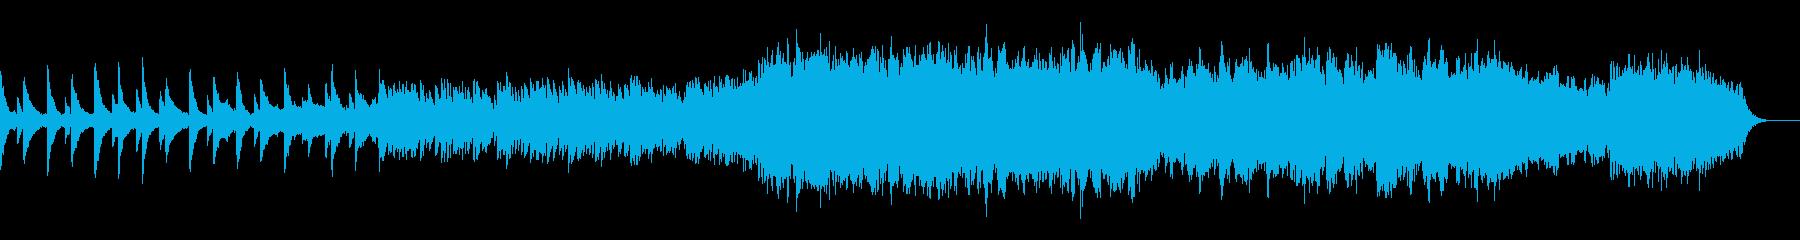 切ないピアノとストリングスのBGMの再生済みの波形